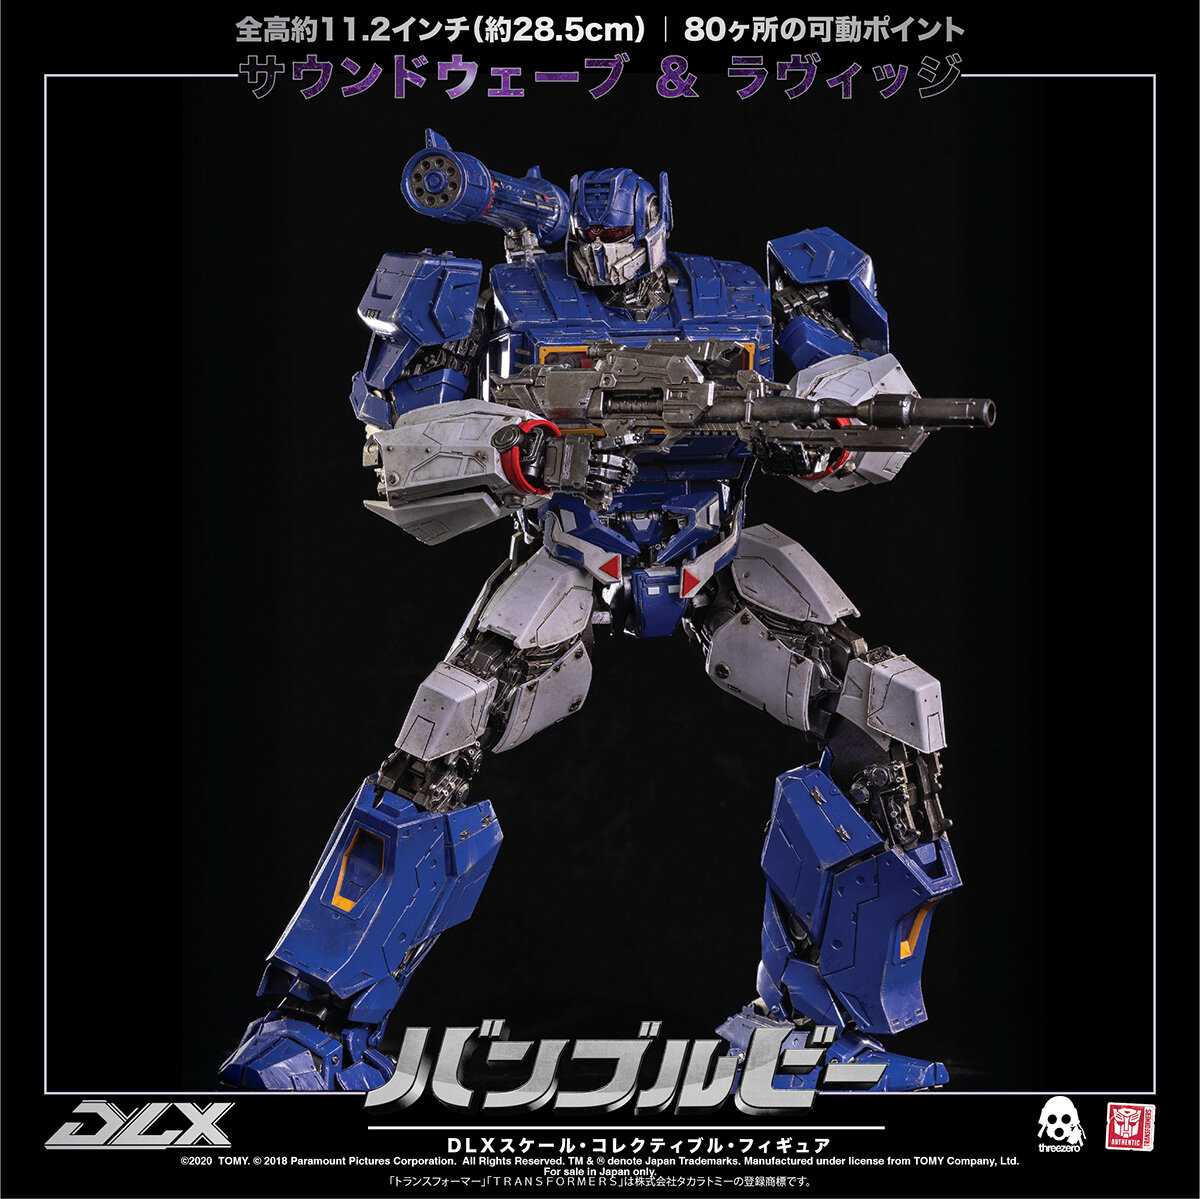 DLX_SW_JPN_B_T1_2029.jpg